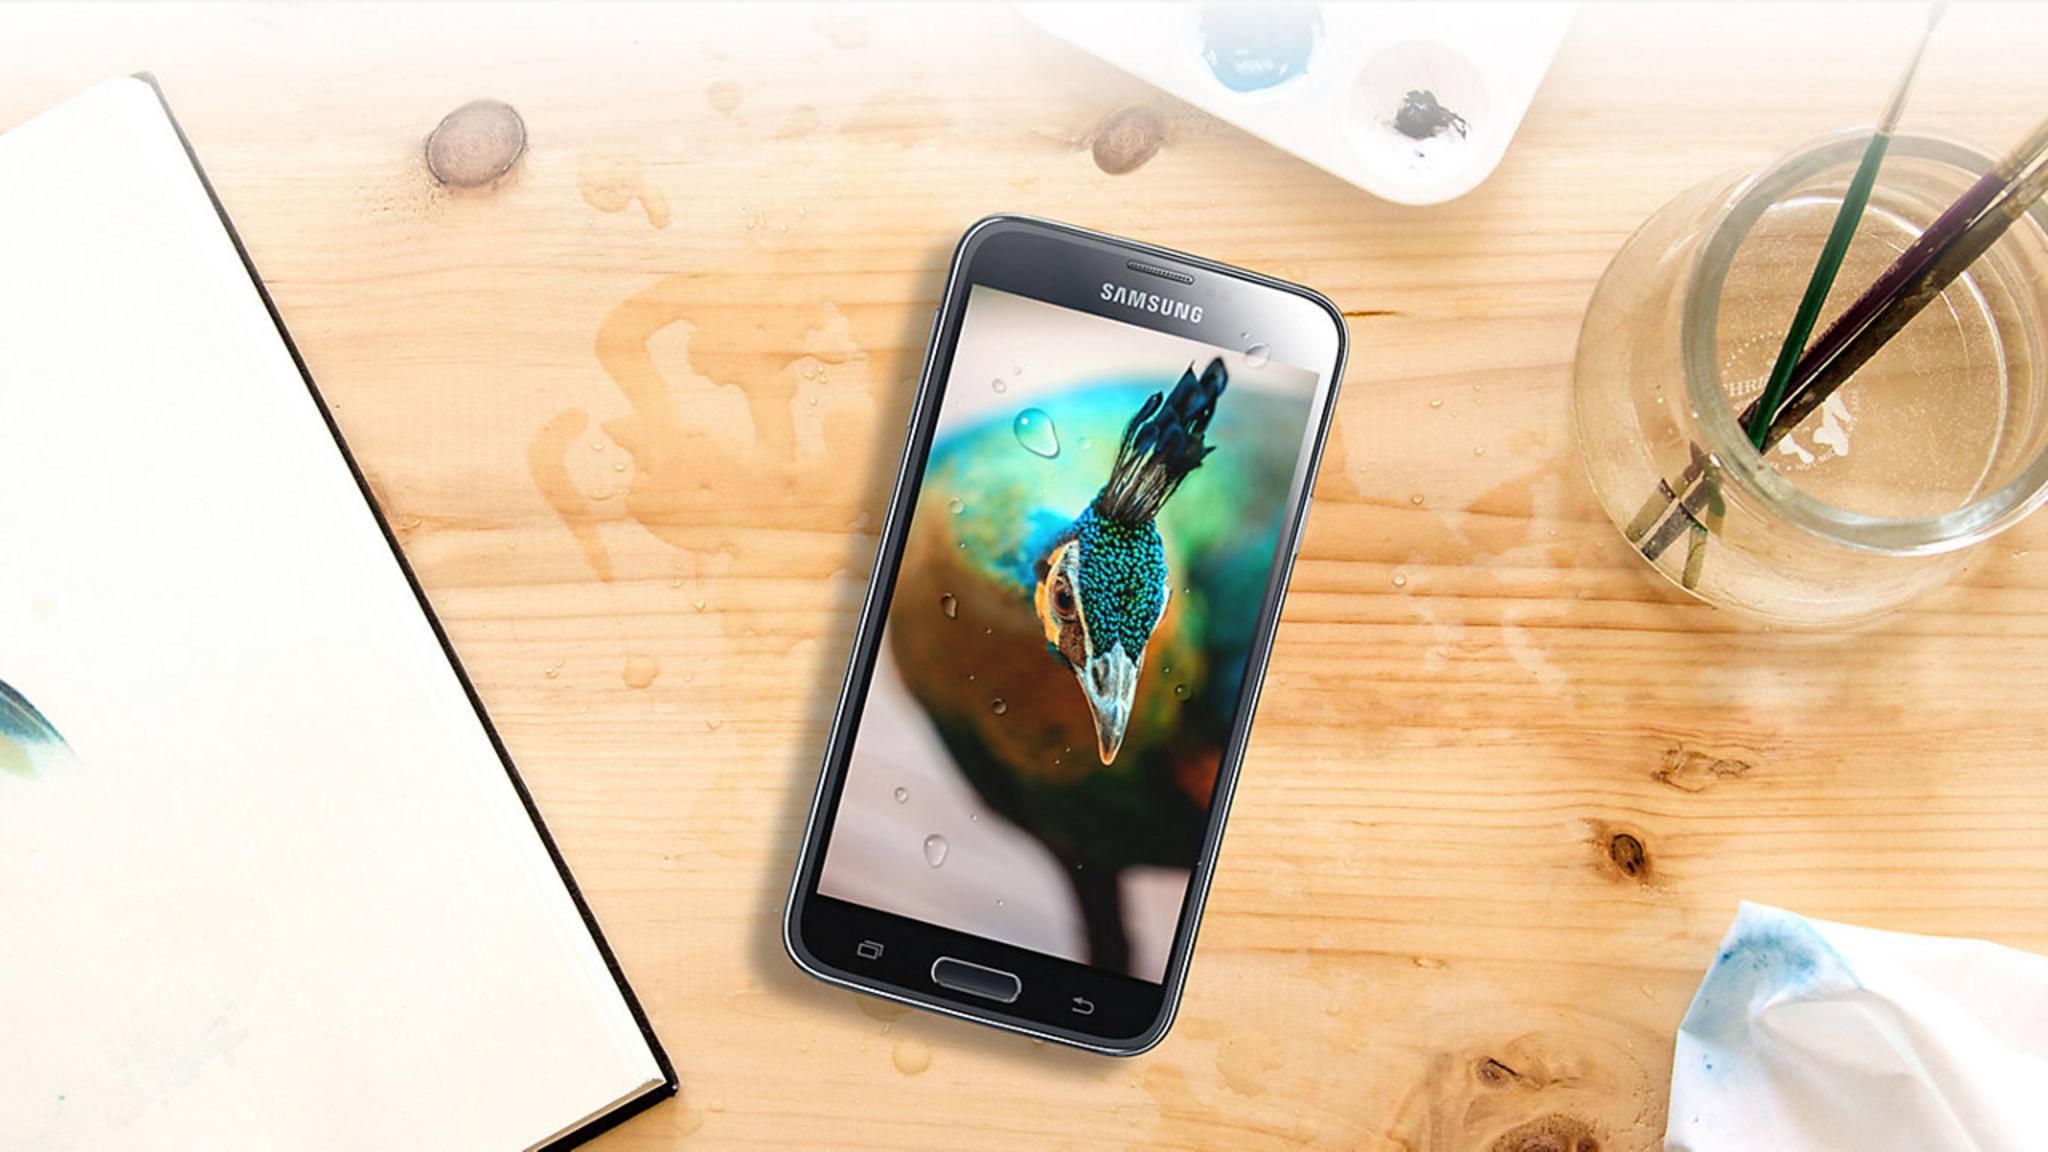 Das Galaxy S5 bekommt ein neues Sicherheitsupdate.